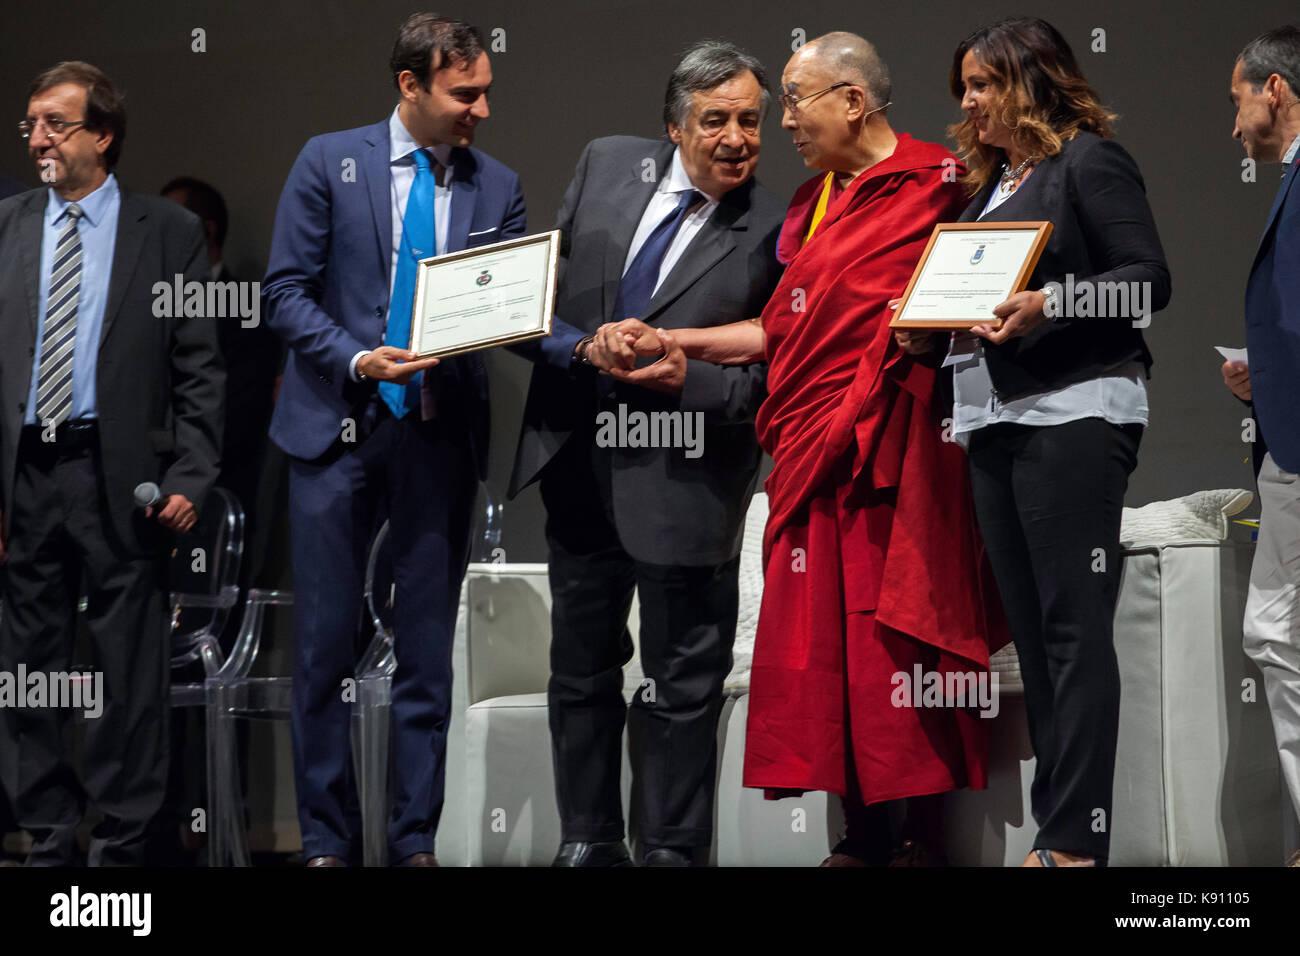 El xiv dalai lama lleva al escenario para hacer frente a los fieles en Palermo el 18 de septiembre de 2017. Foto de stock